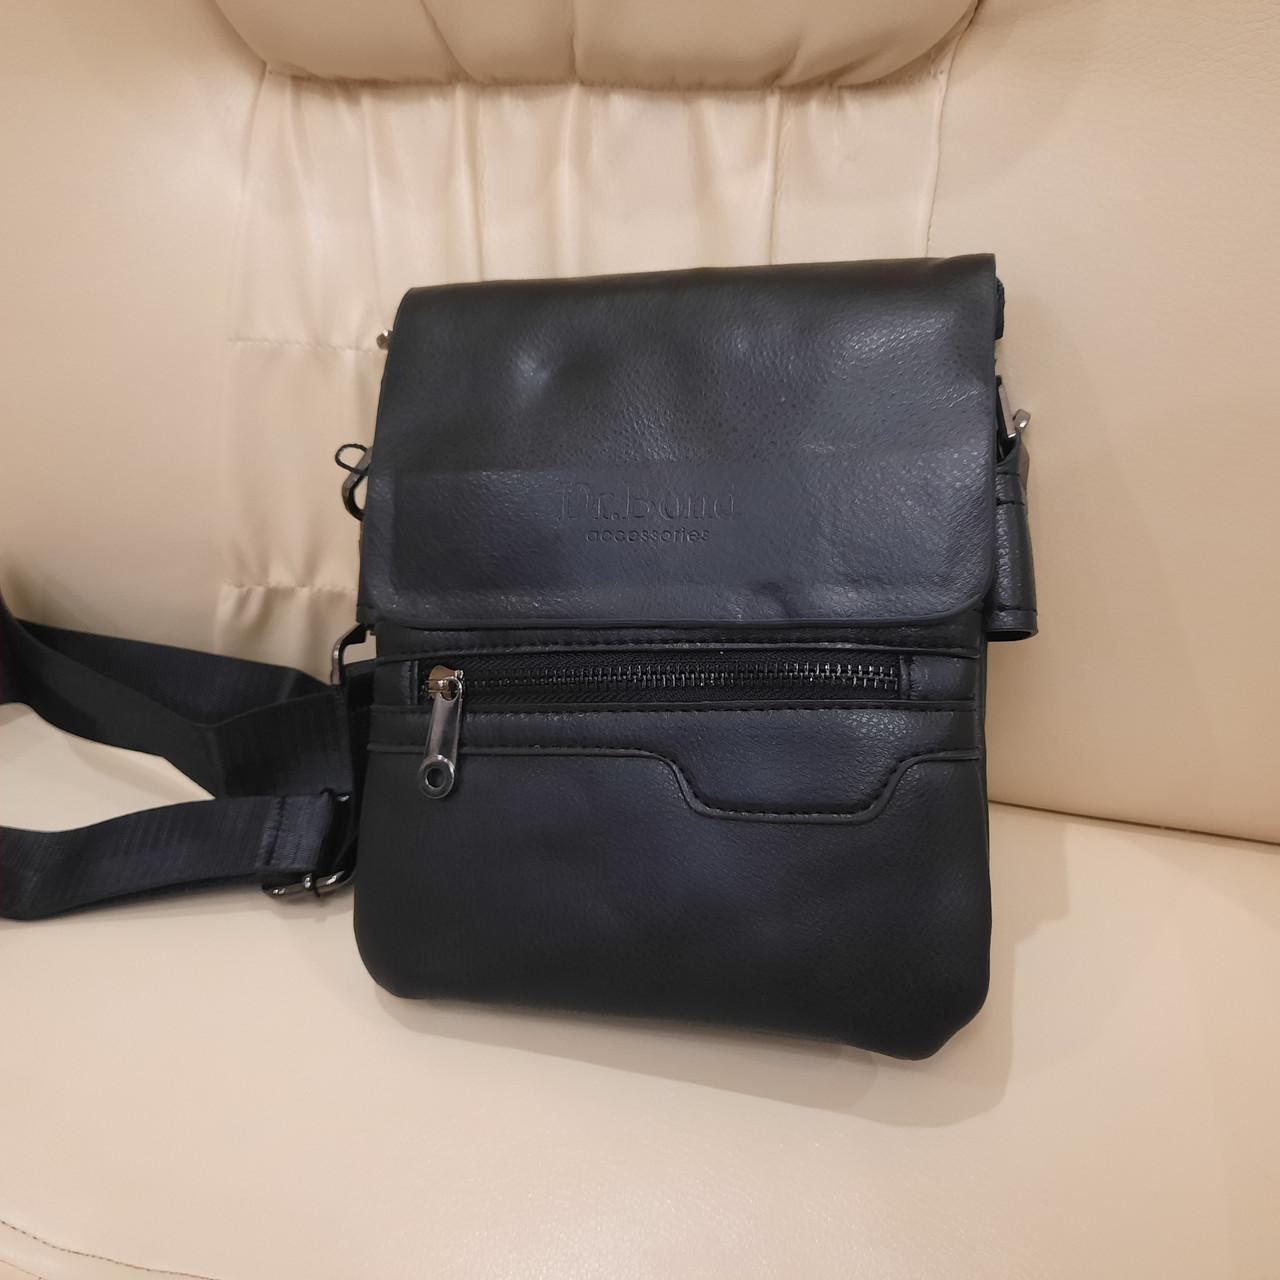 Повседневная мужская сумка Dr. Bond